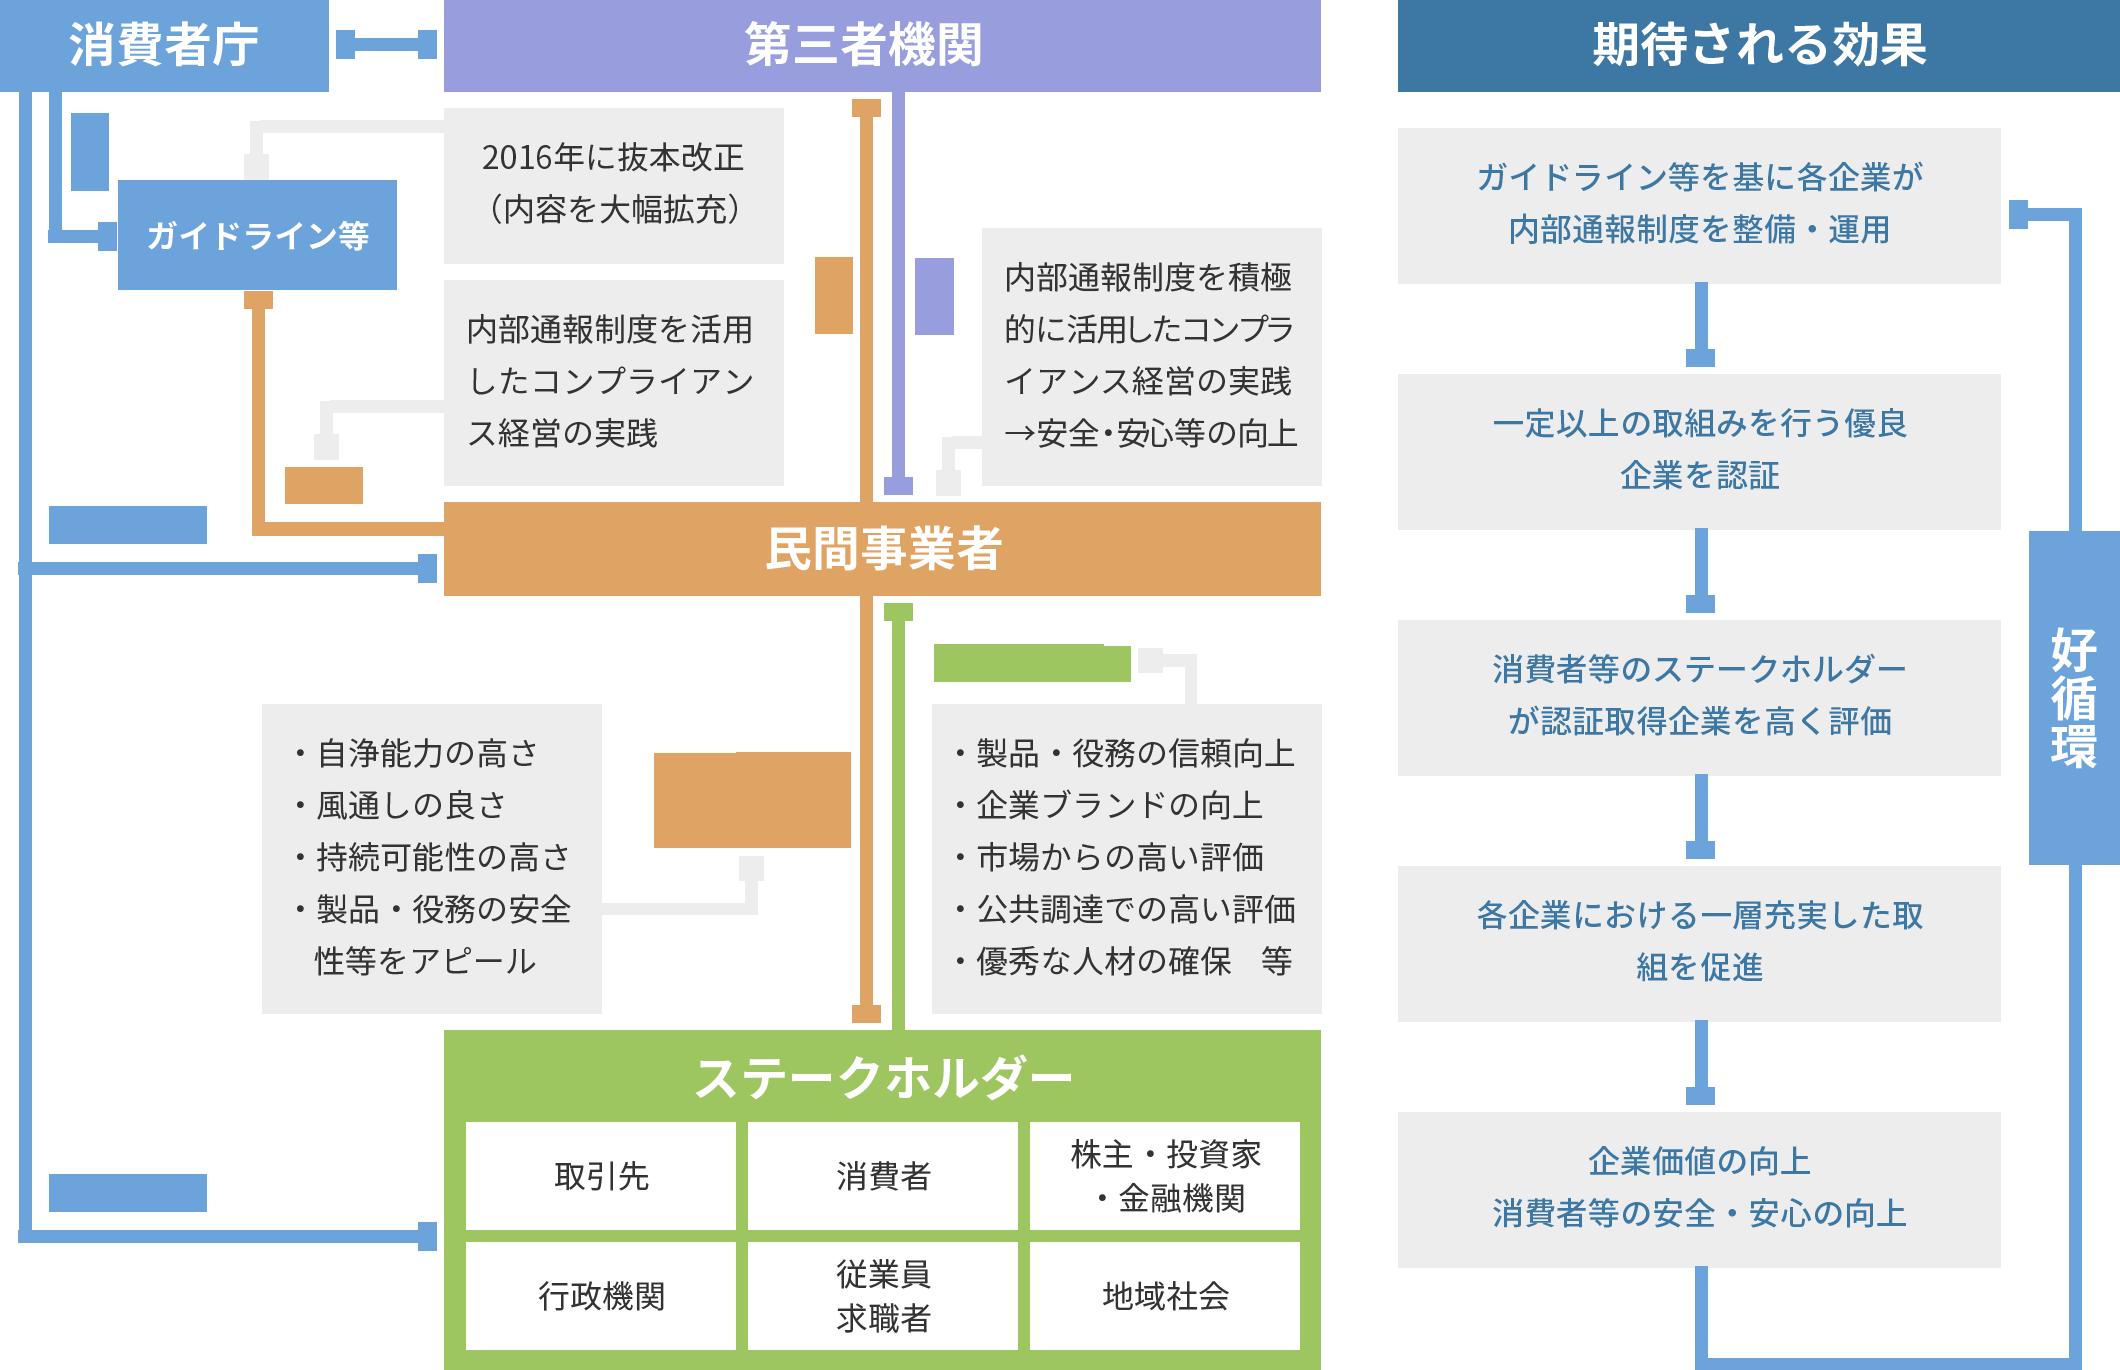 認証制度のイメージ